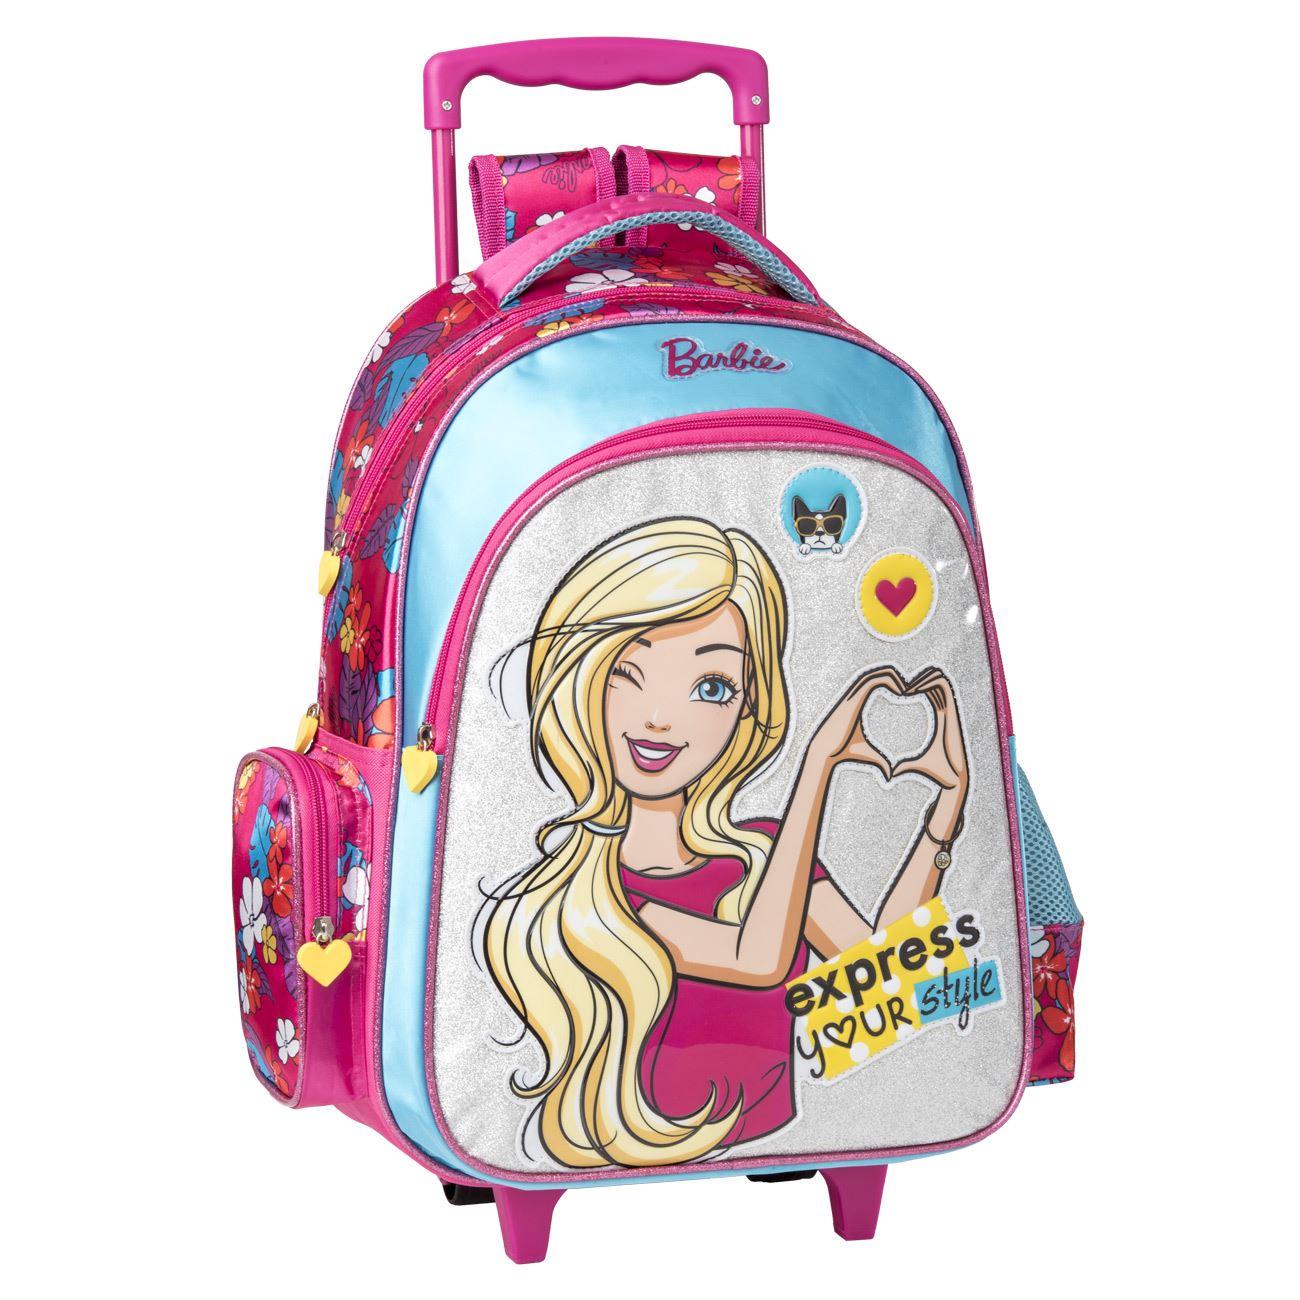 44c8be8340 Τρόλεϋ Δημοτικού Barbie   Τρόλευ Δημοτικού για Κορίτσια